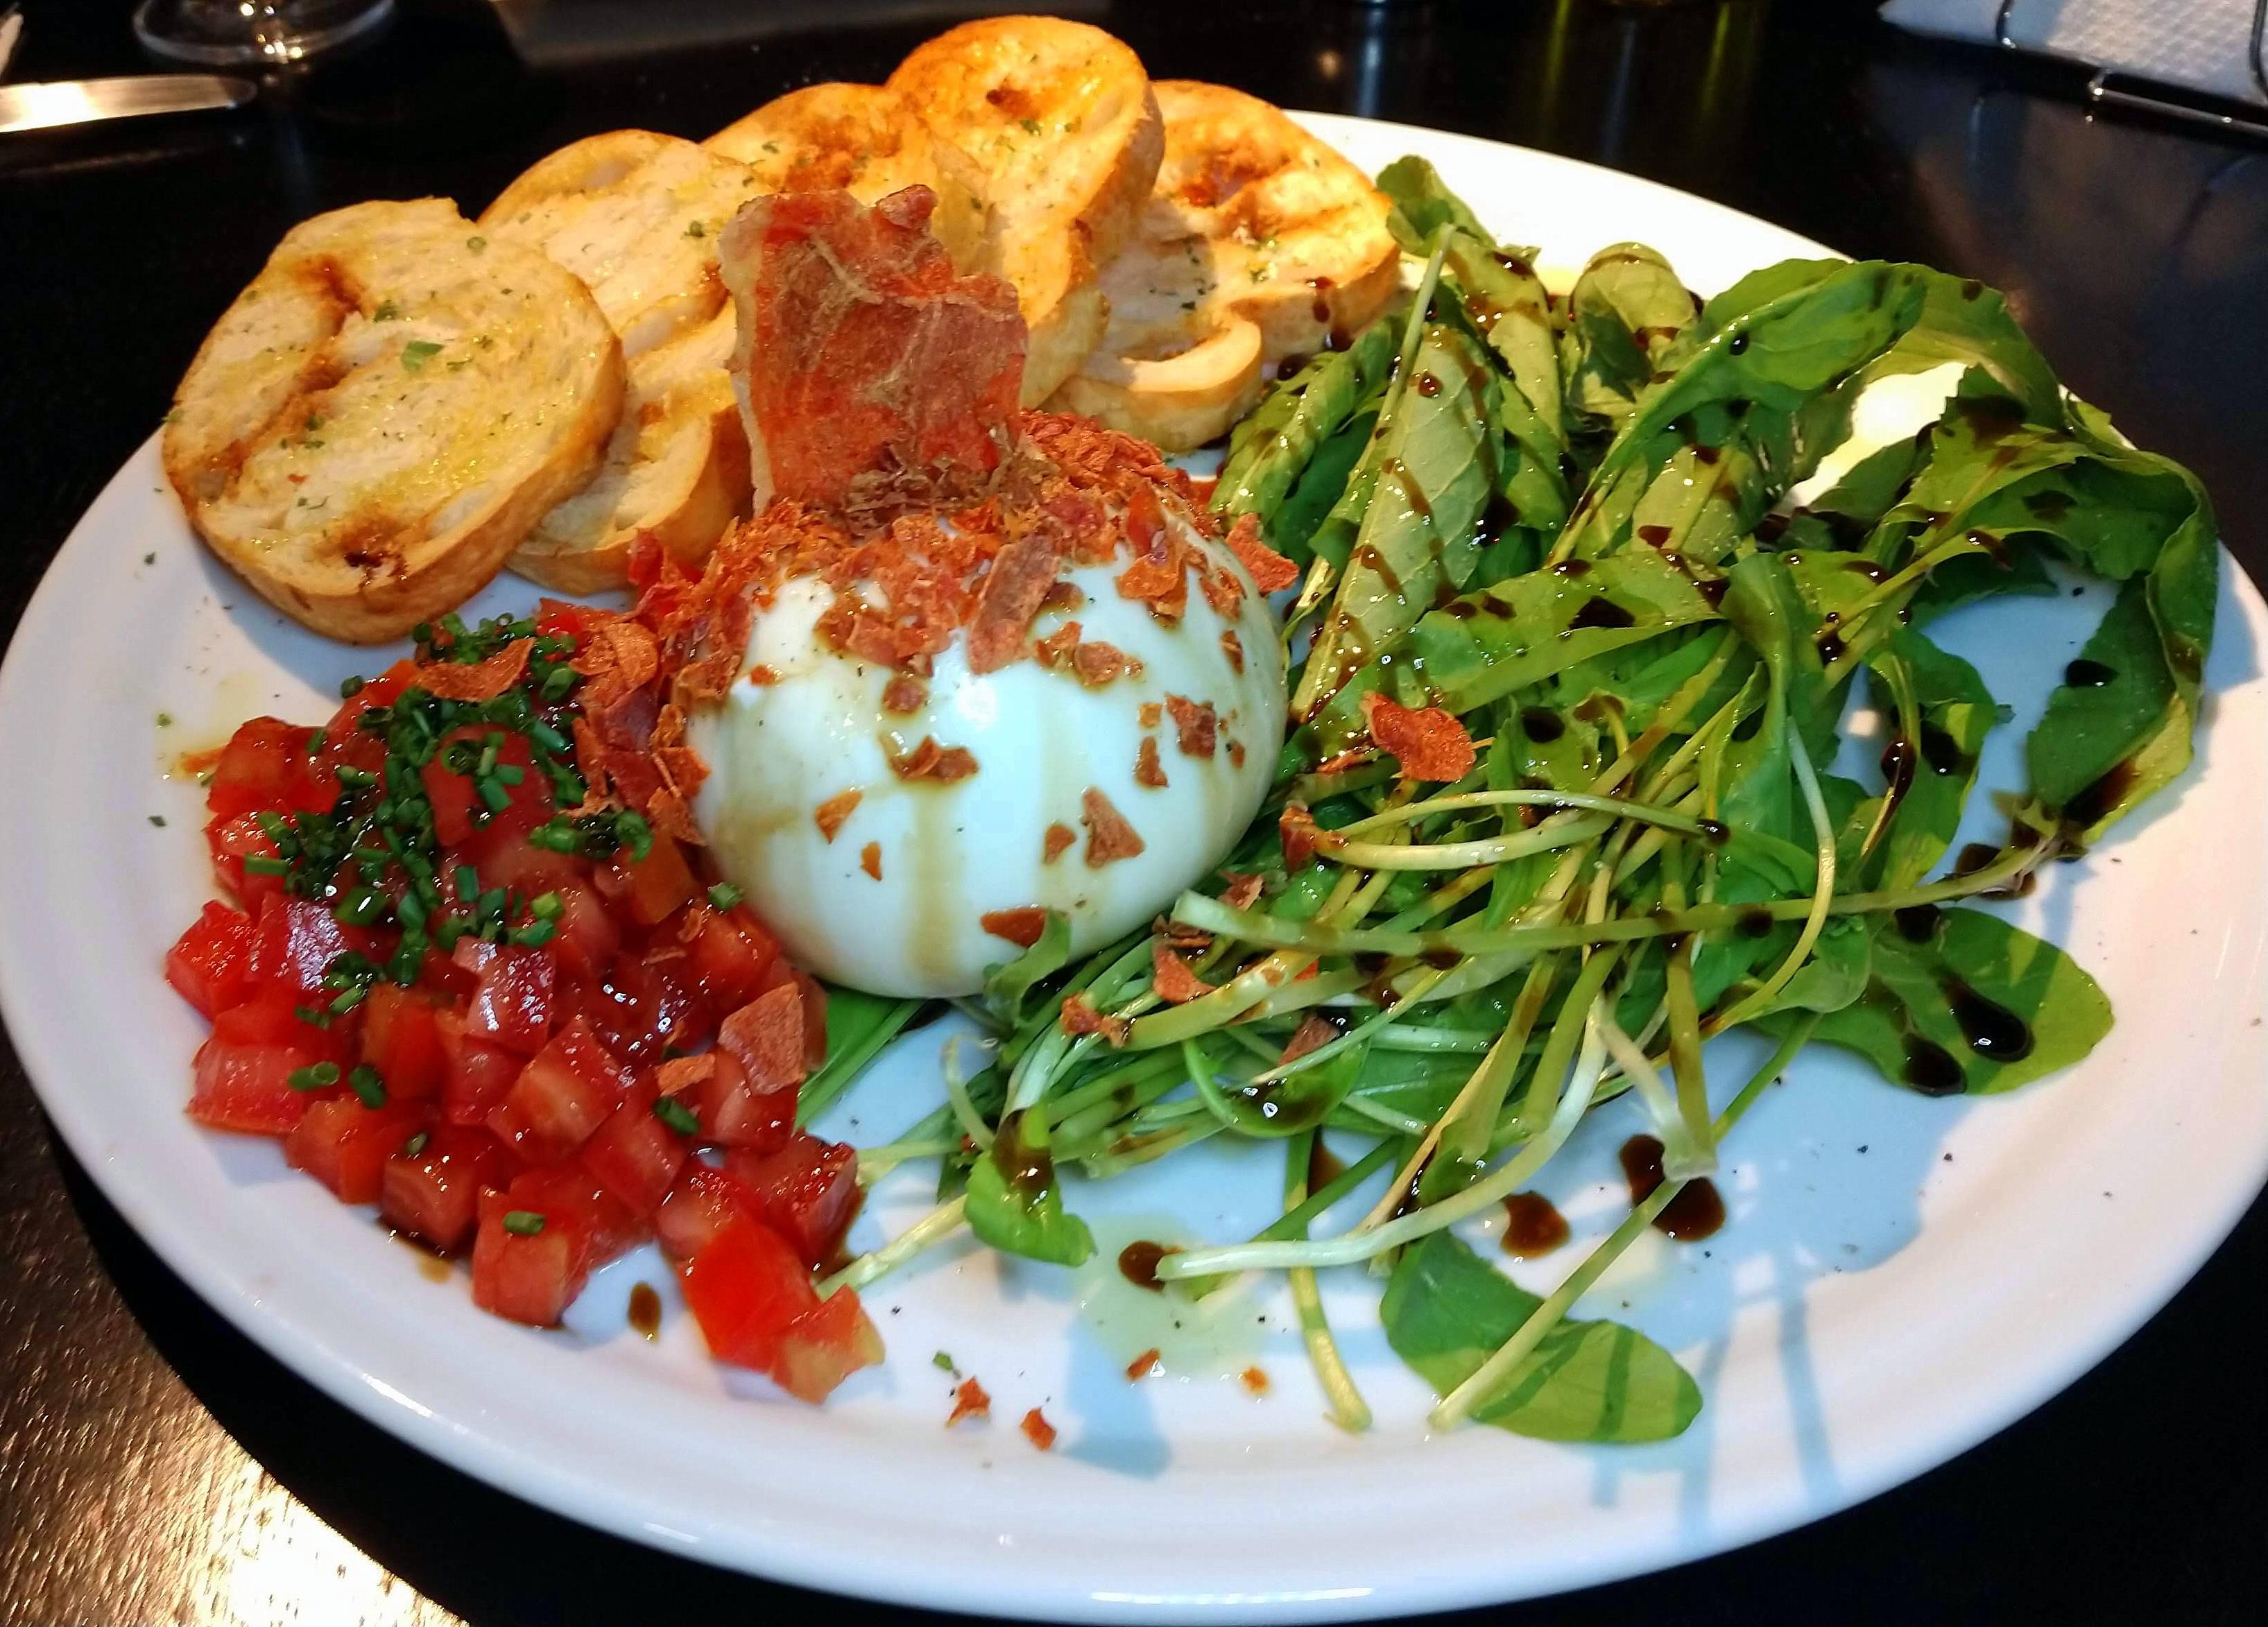 Burrata de búfala (com rúcula, presunto parma crispy, azeite de oliva, tomate, redução de aceto balsâmico e pão) - sugestão de entrada na Zahil.